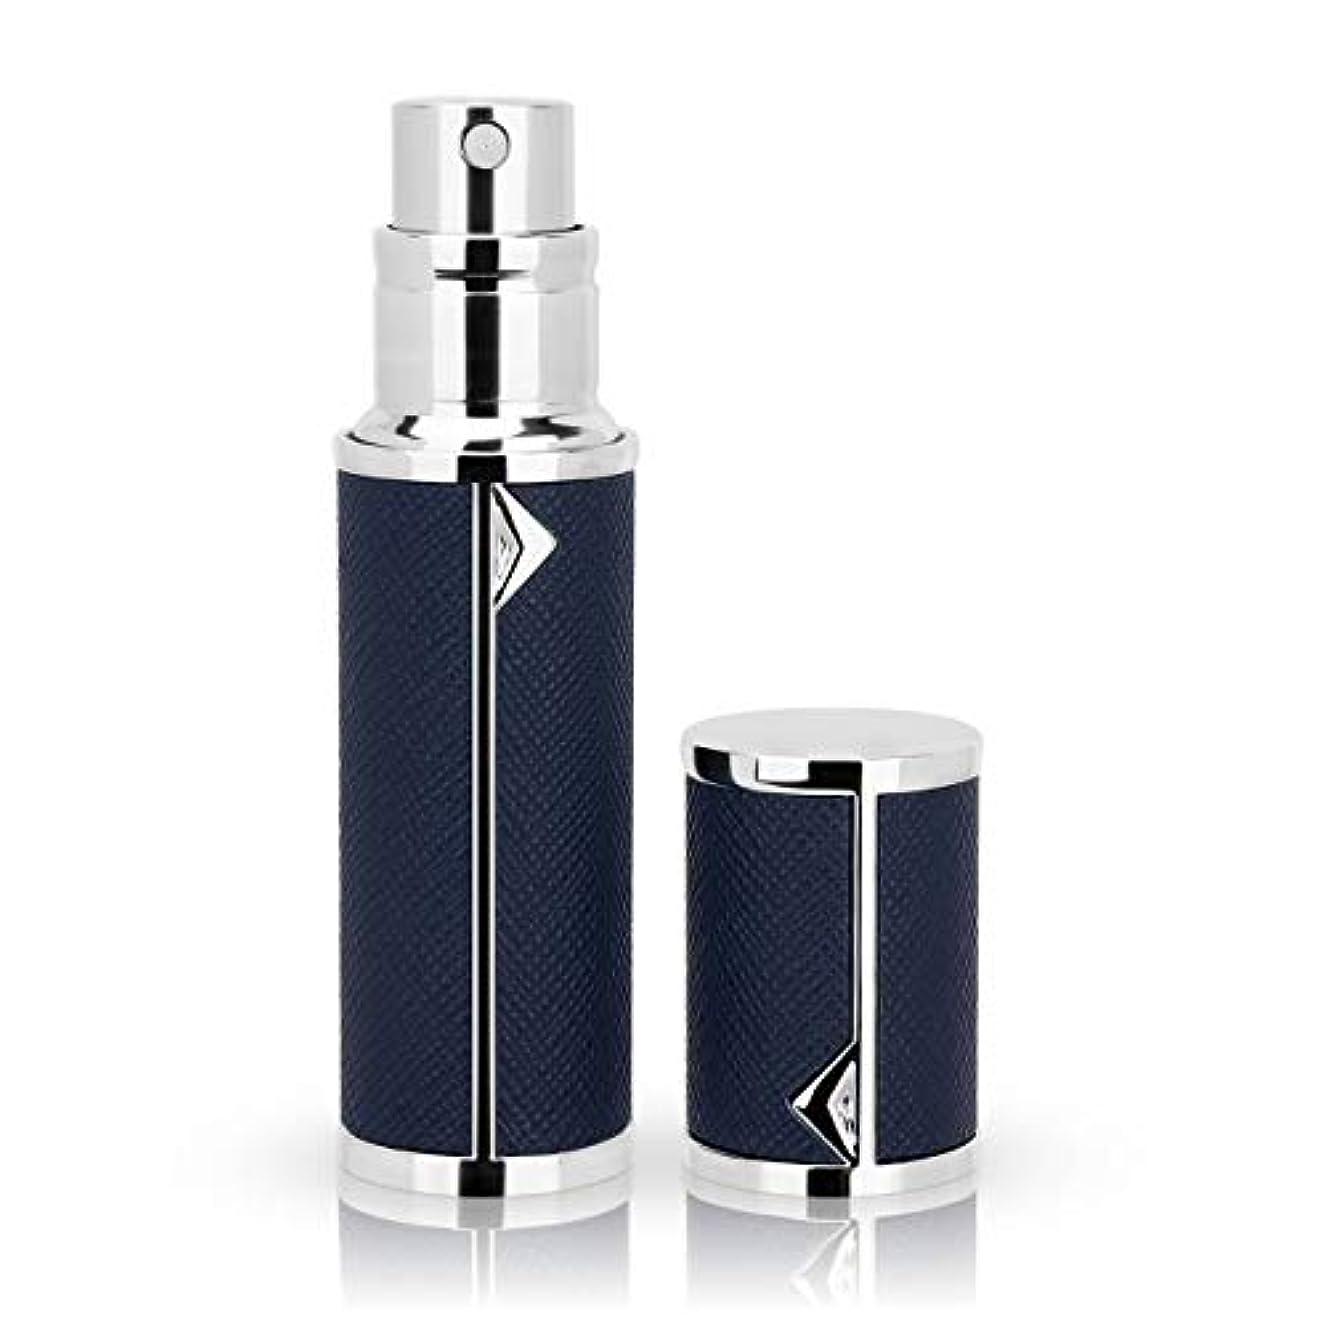 環境試用腐敗アトマイザー 香水アトマイザー 詰め替え Louischanzl 香水噴霧器 2-2.5mm径 5ml PUレザー レディース メンズ (紺色DarkBlue)